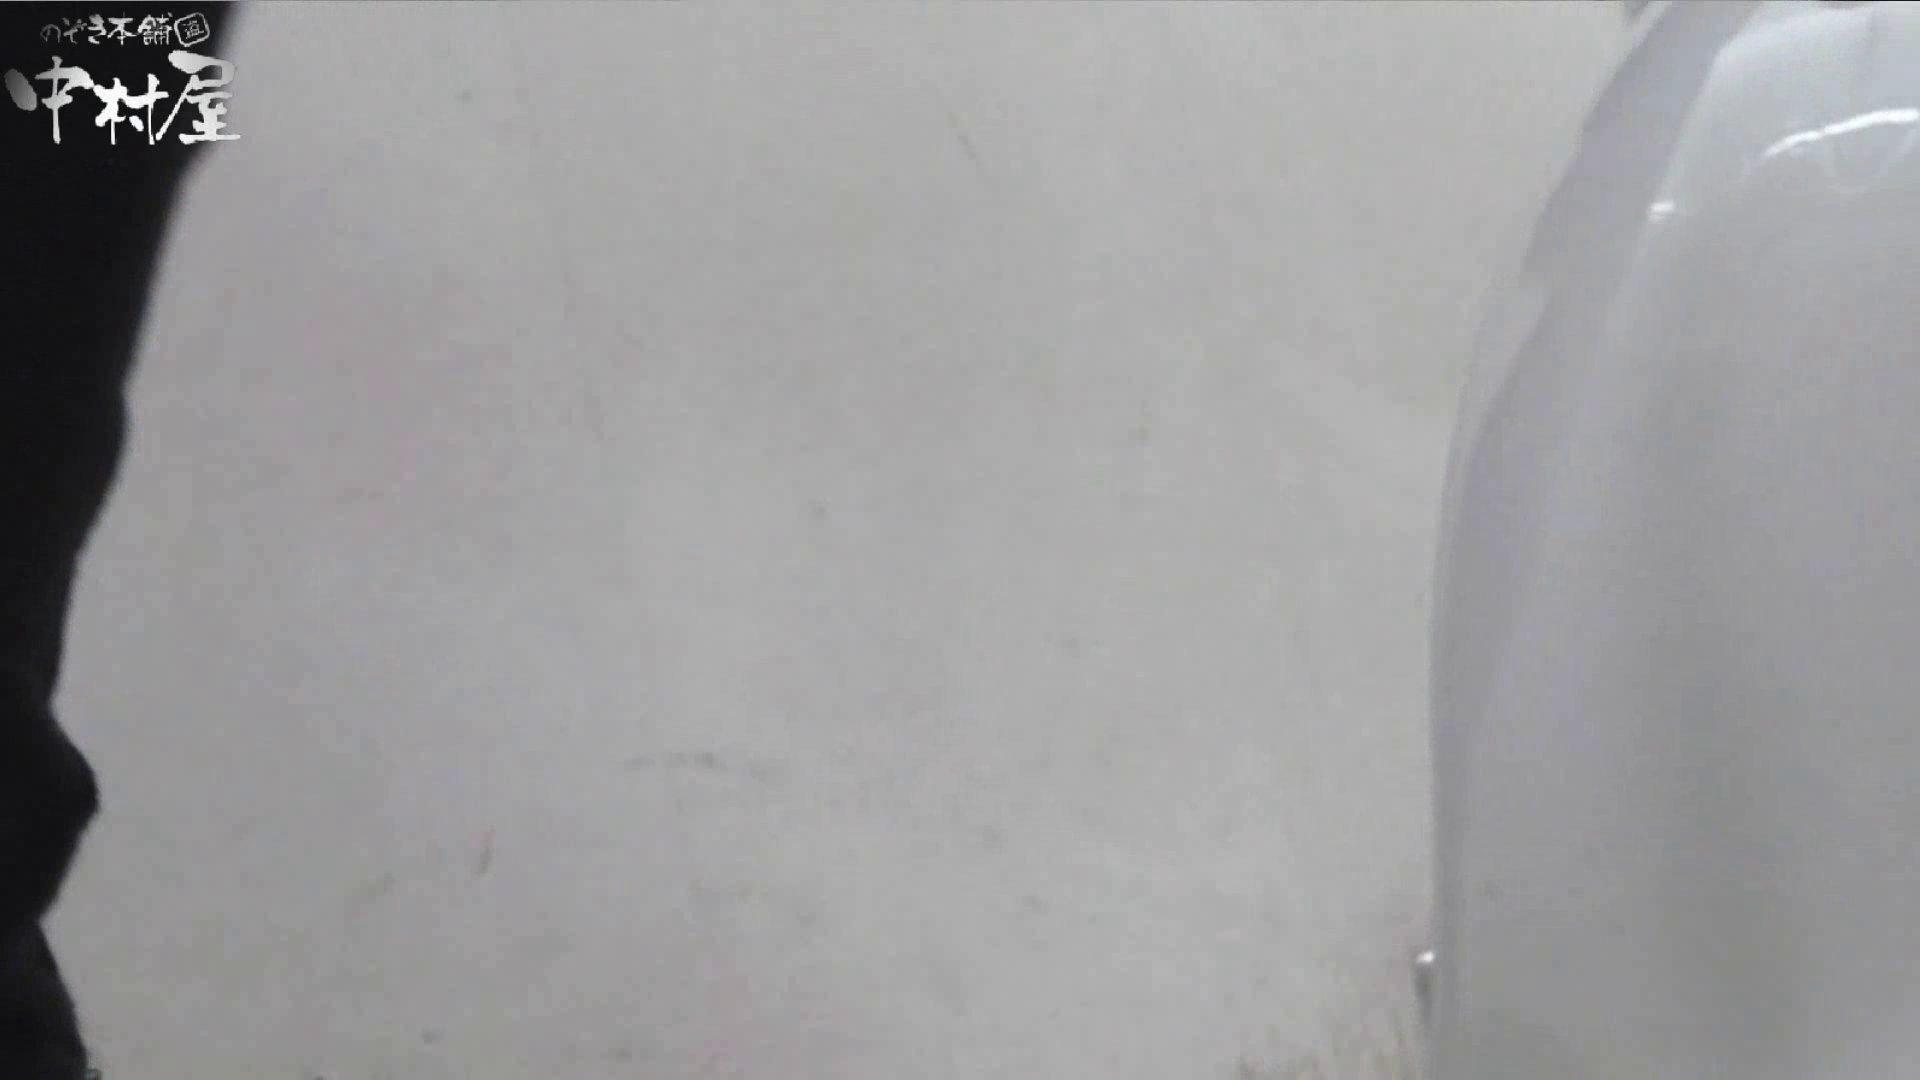 vol.25 命がけ潜伏洗面所! 咥えタオルは剛毛の証!?後編 プライベート セックス無修正動画無料 113PIX 29